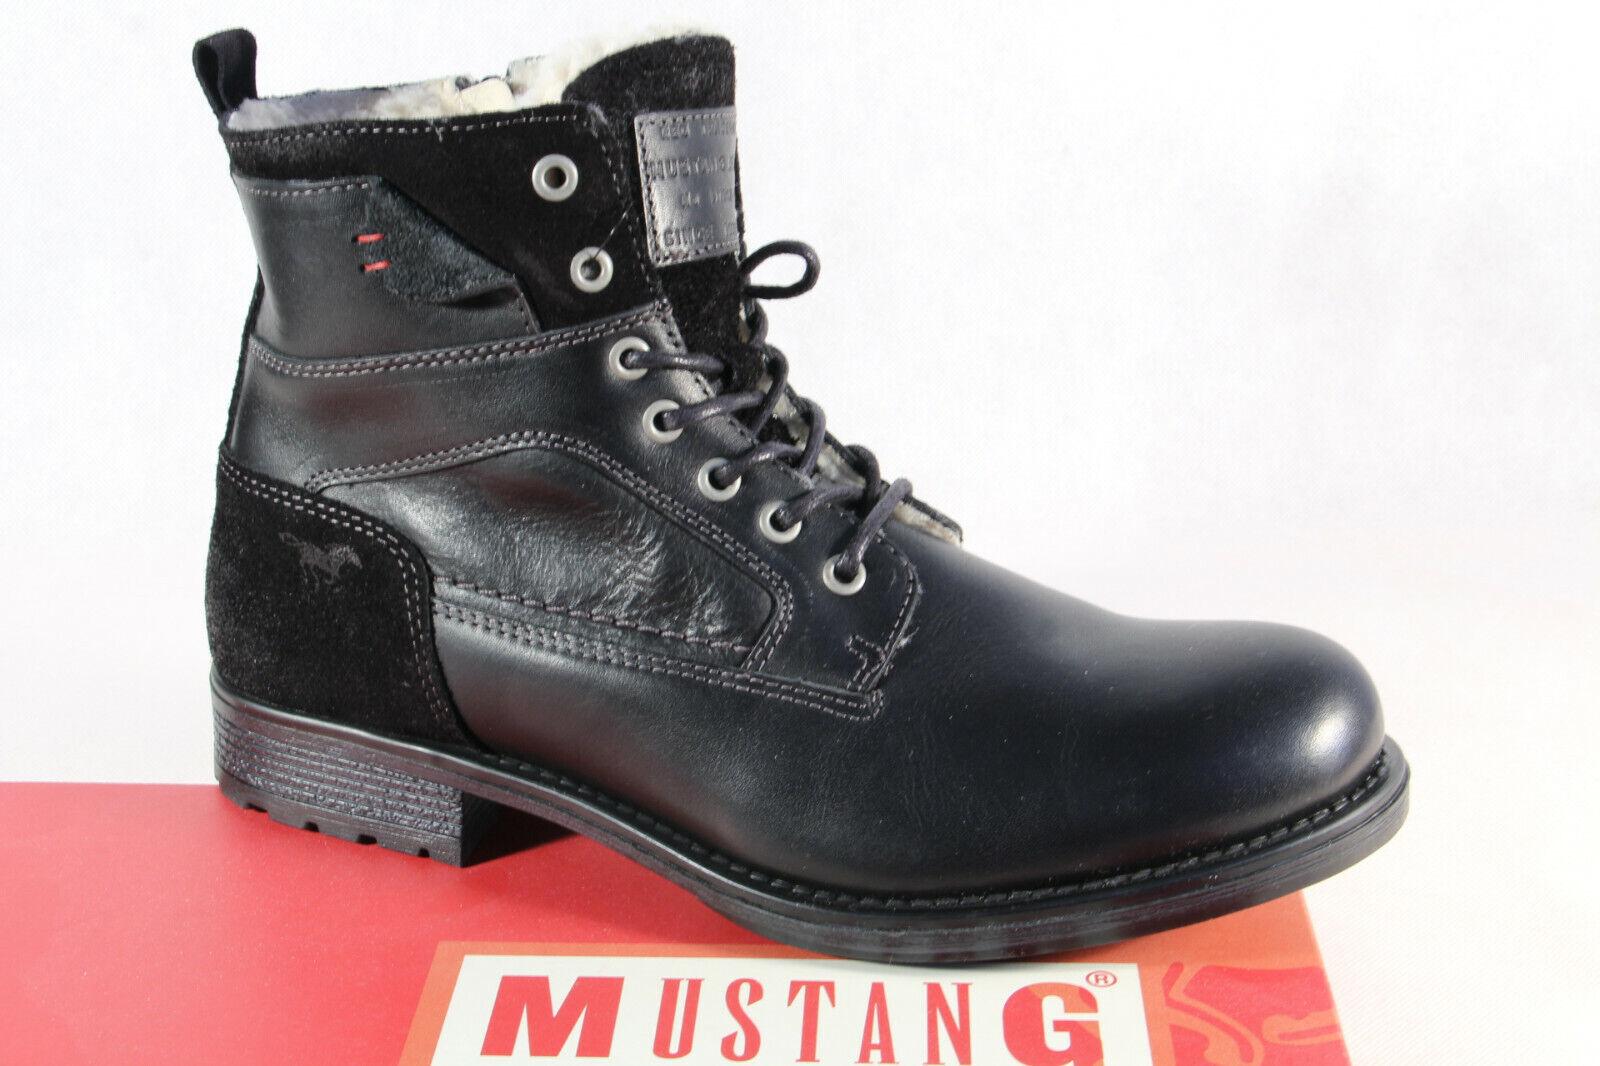 Mustang Stiefel Stiefel Schnürstiefel Winterstiefel Stiefel schwarz Echtleder NEU